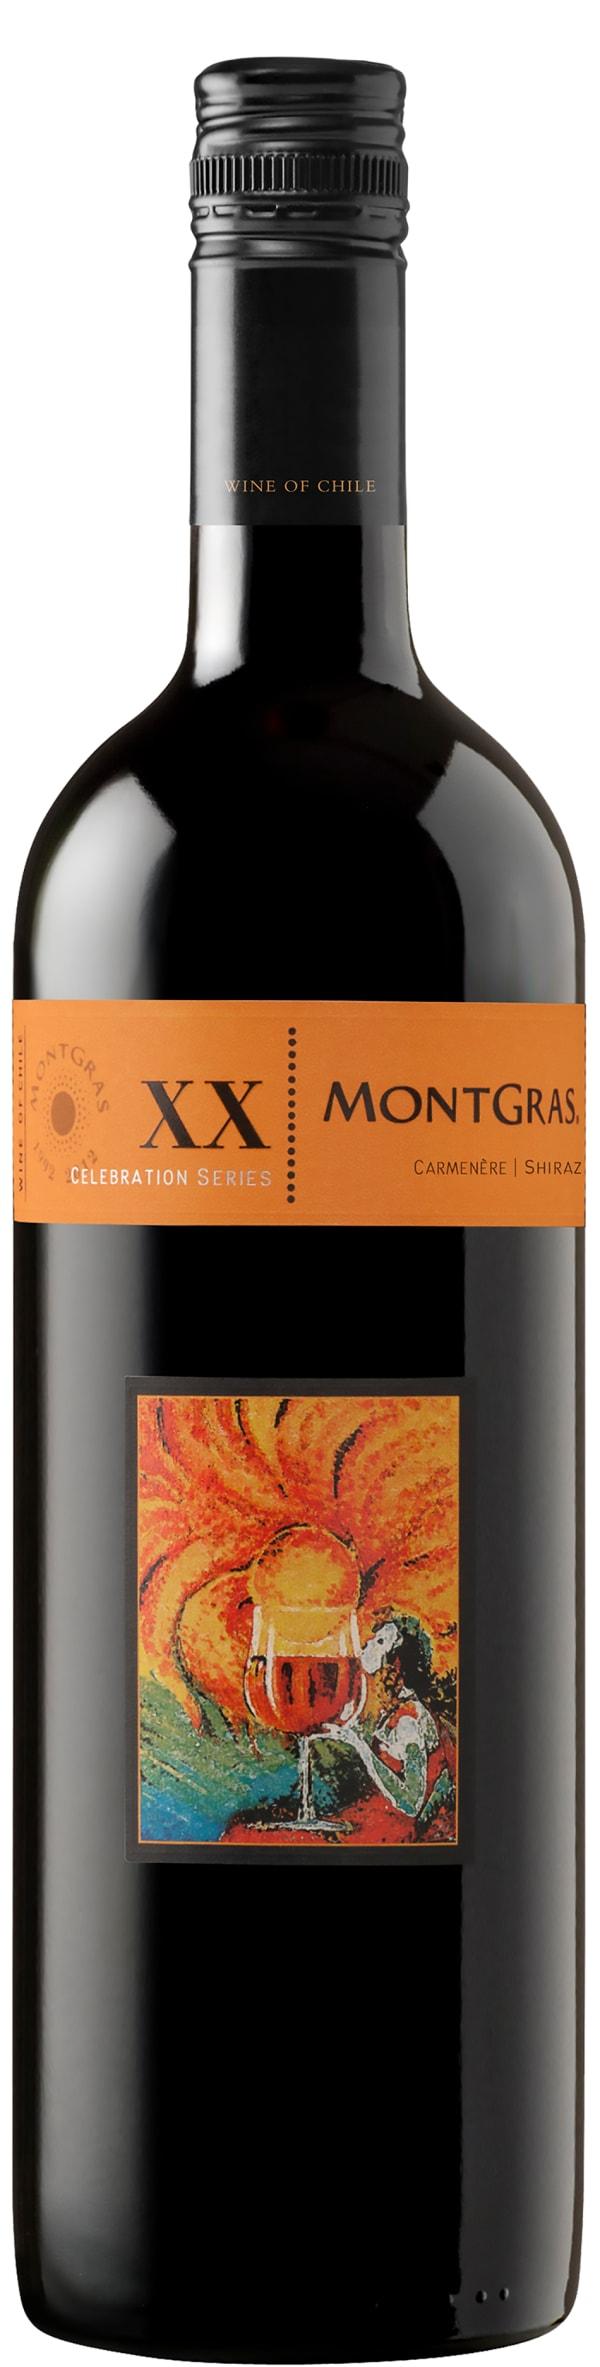 MontGras XX Carmenère Shiraz 2015